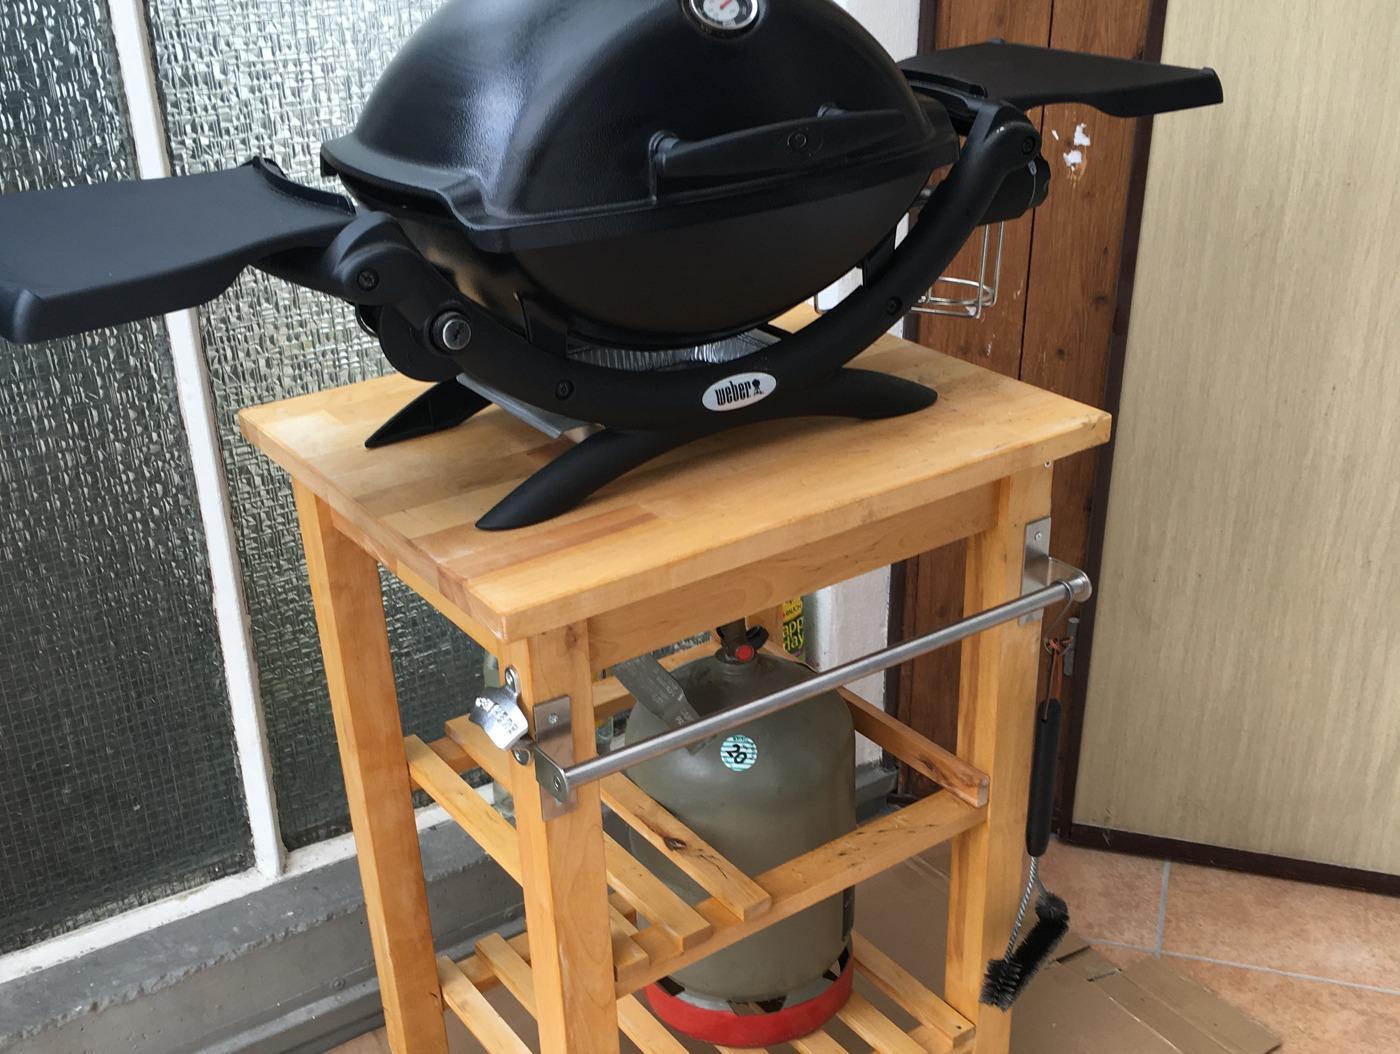 Full Size of Weber Grill Beistelltisch Ikea Tisch Betten 160x200 Küche Kosten Miniküche Modulküche Garten Grillplatte Bei Kaufen Sofa Mit Schlaffunktion Wohnzimmer Grill Beistelltisch Ikea